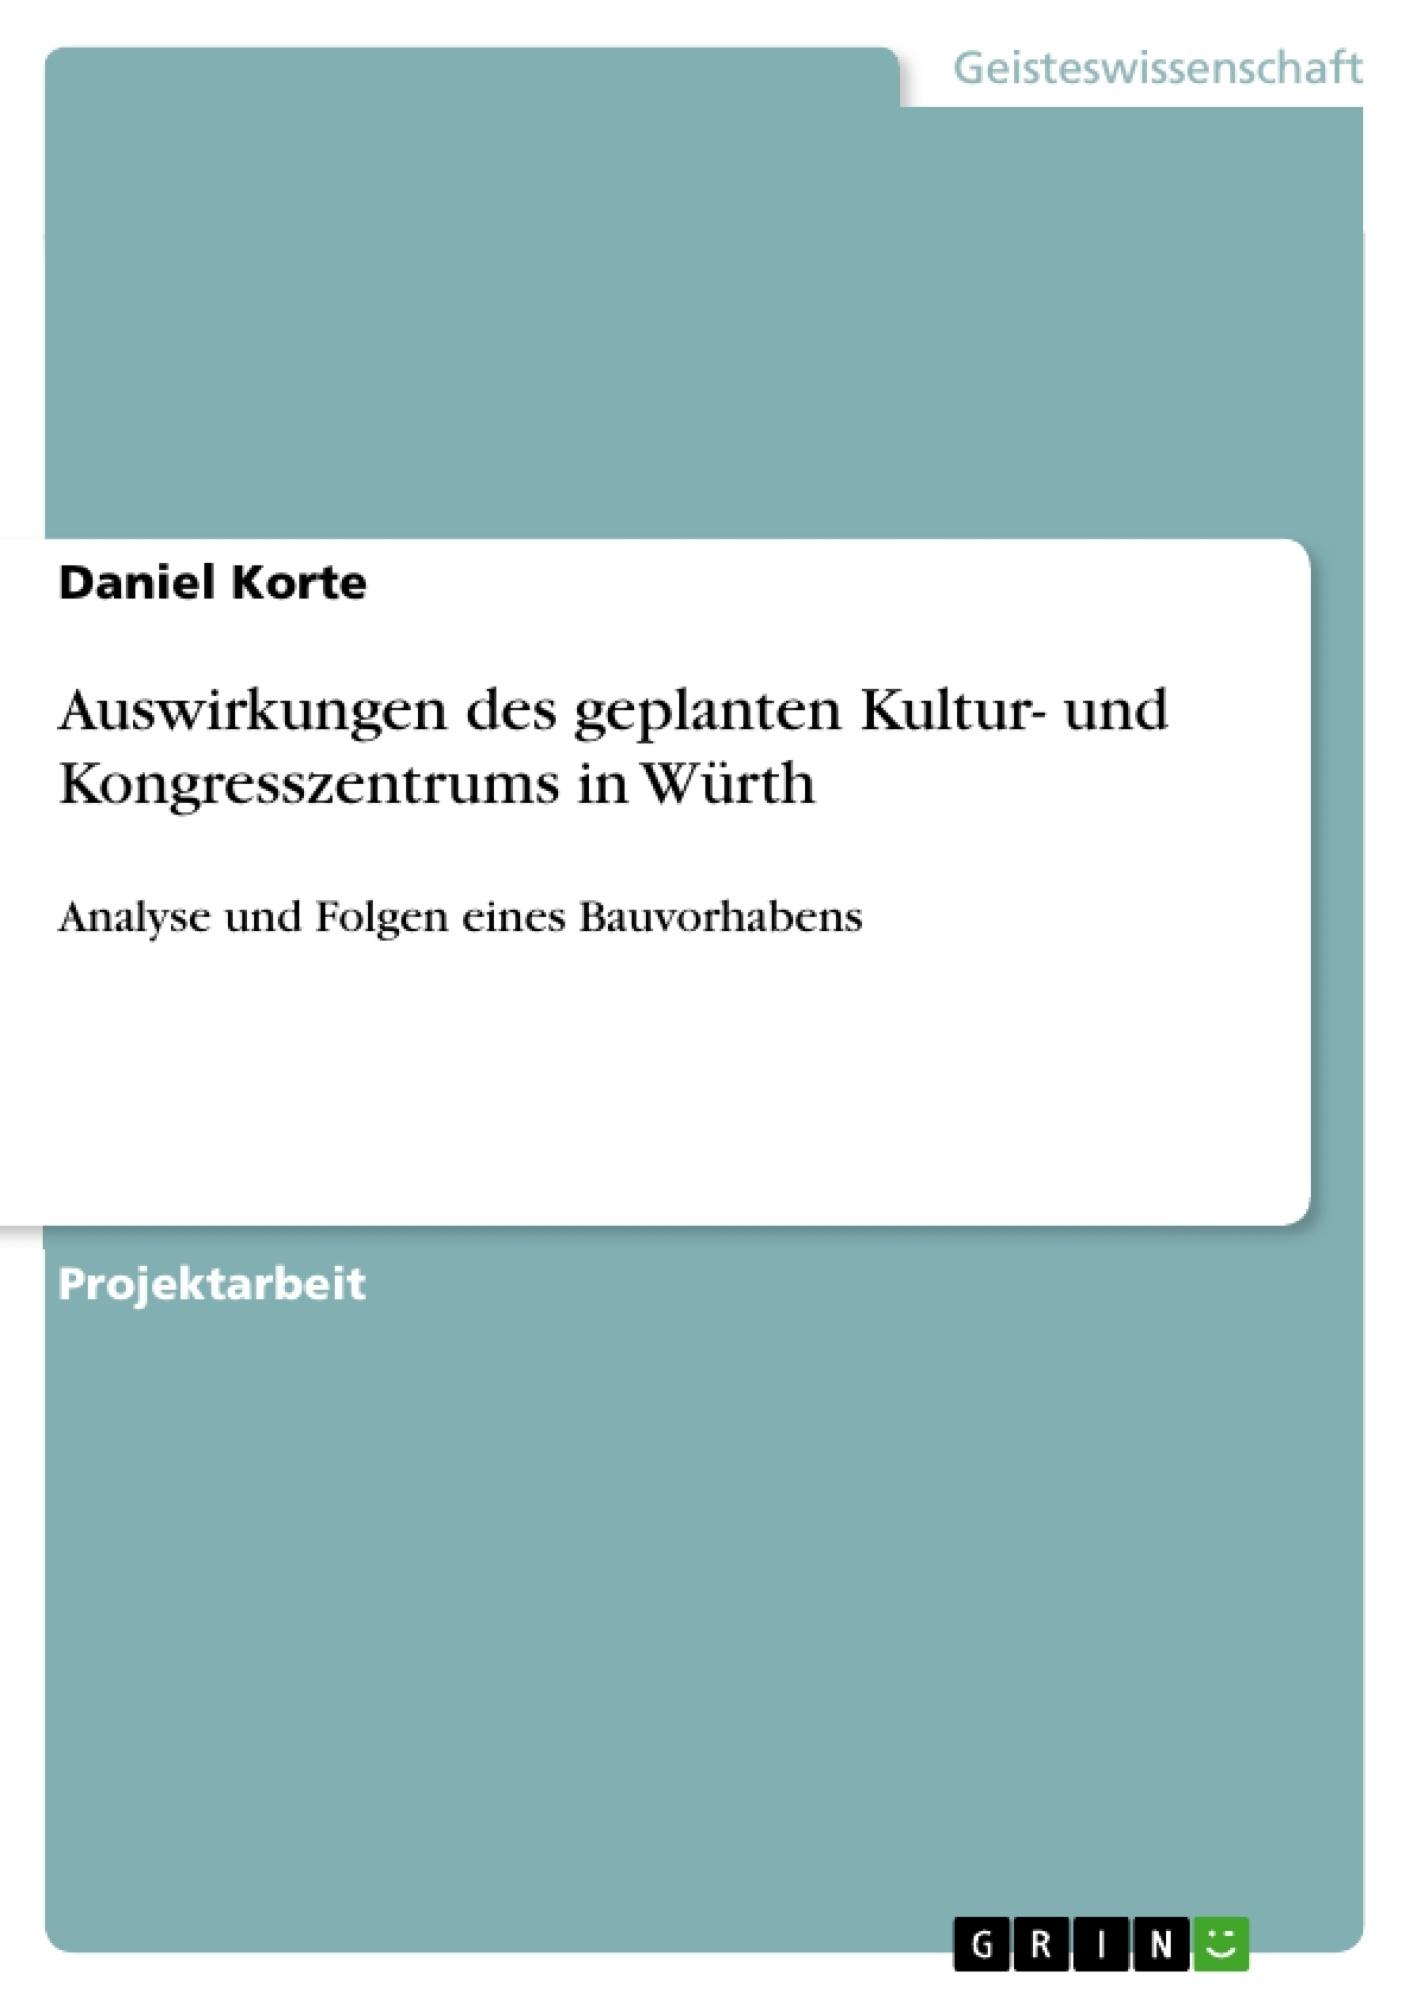 Titel: Auswirkungen des geplanten Kultur- und Kongresszentrums in Würth